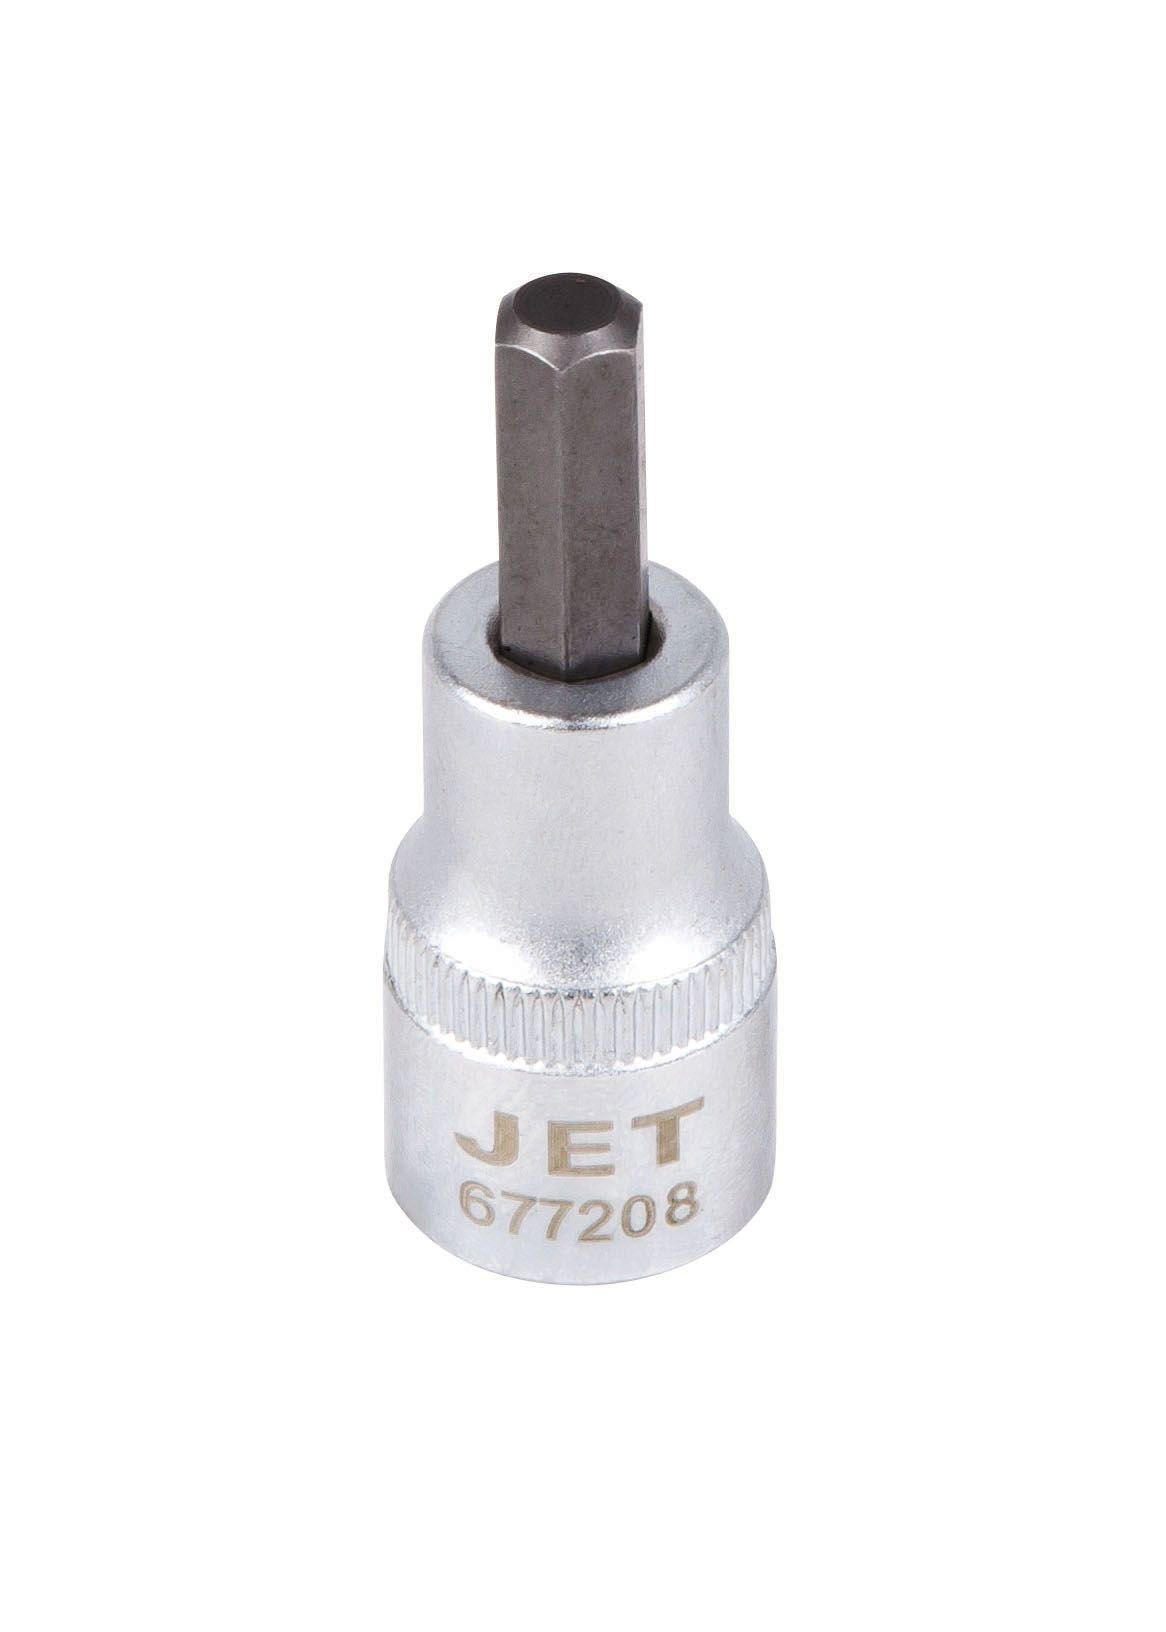 Jet 677258 Douille hexagonale 8mm à prise 3/8